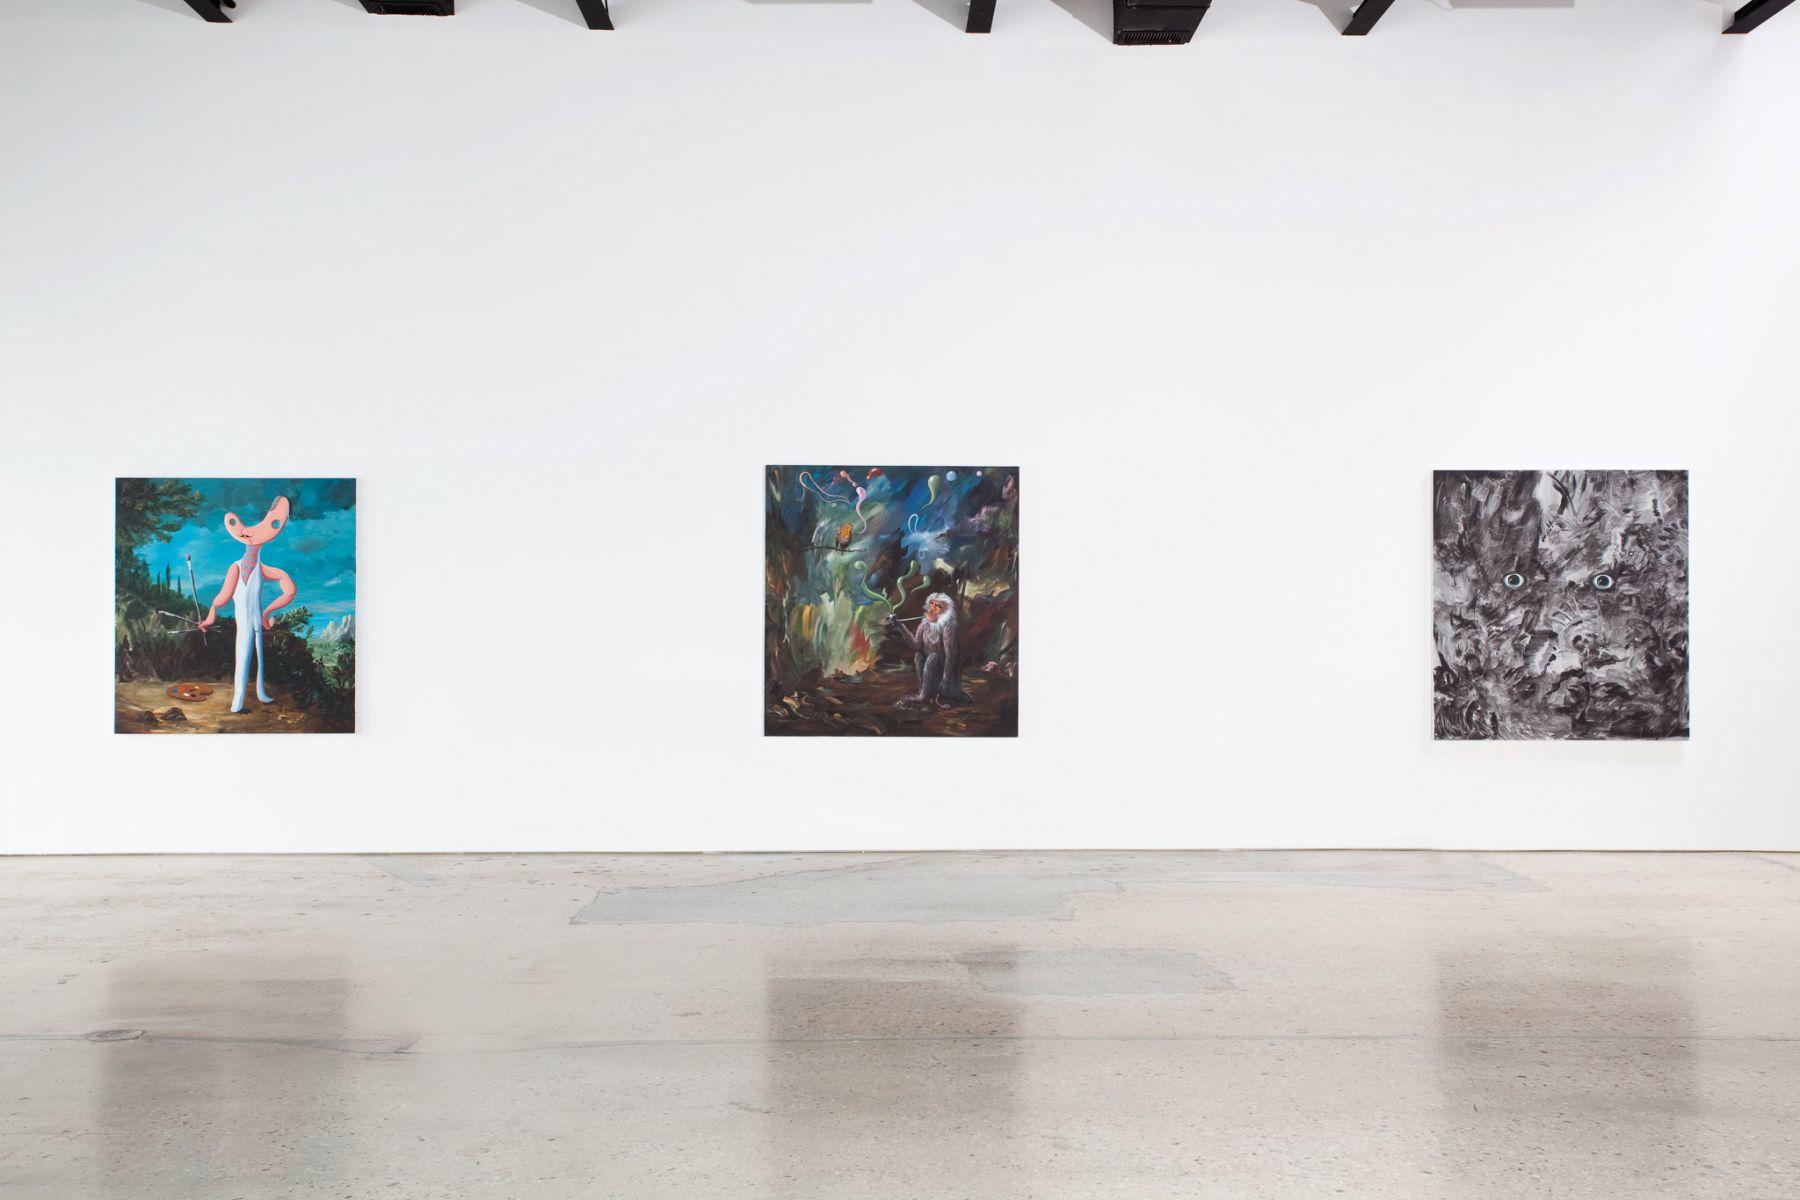 Djordje Ozbolt, Installation at 303 Gallery, 2011